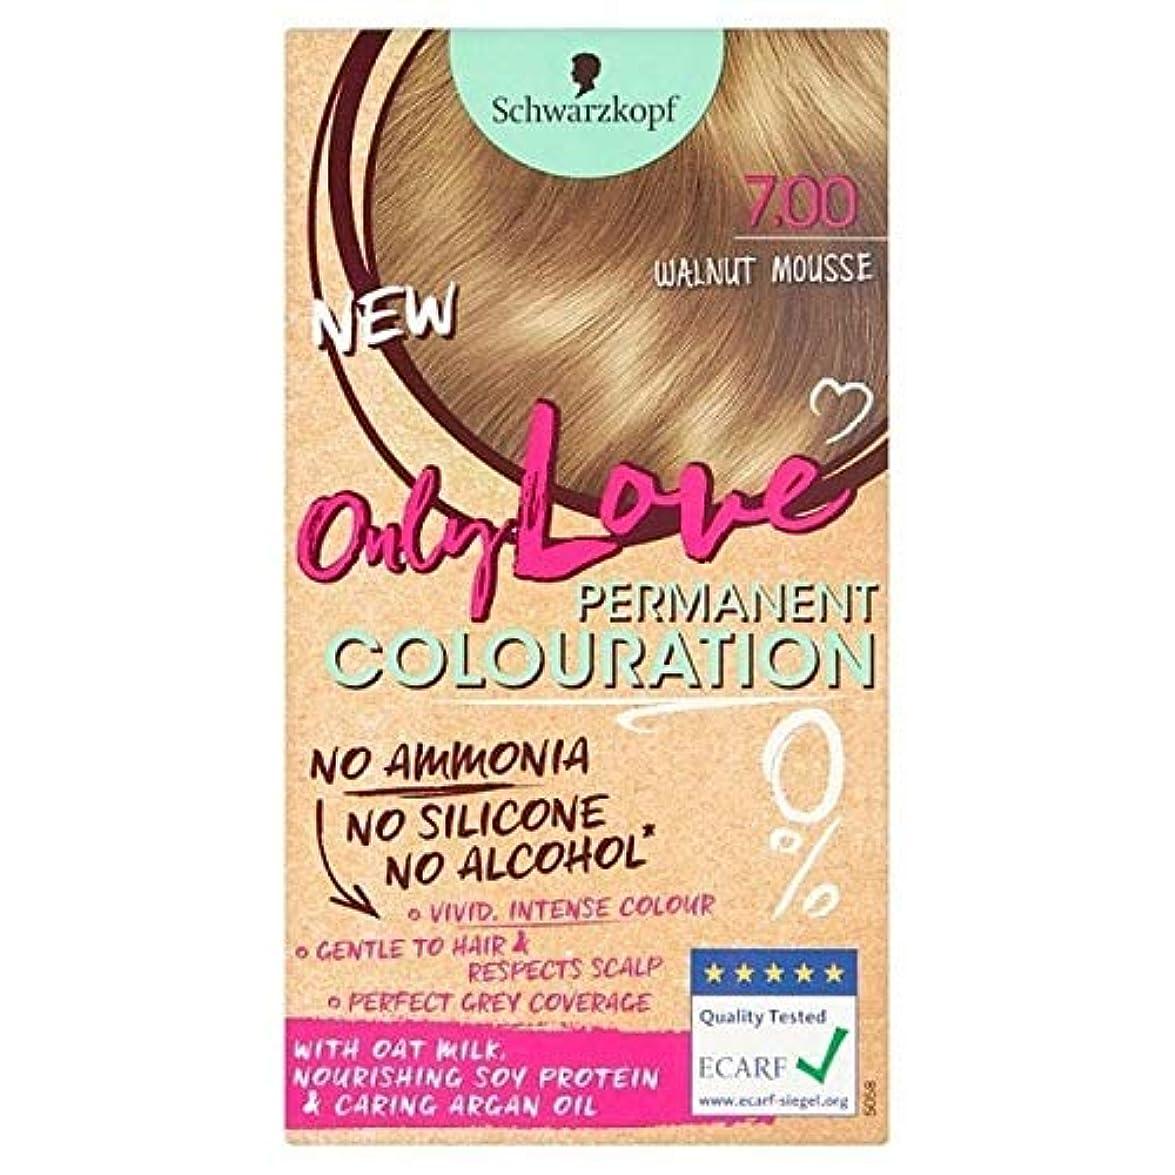 返還横向き歩き回る[Only Love ] 唯一の永久染毛剤700クルミのムースを愛します - Only Love Permanent Hair Dye 700 Walnut Mousse [並行輸入品]